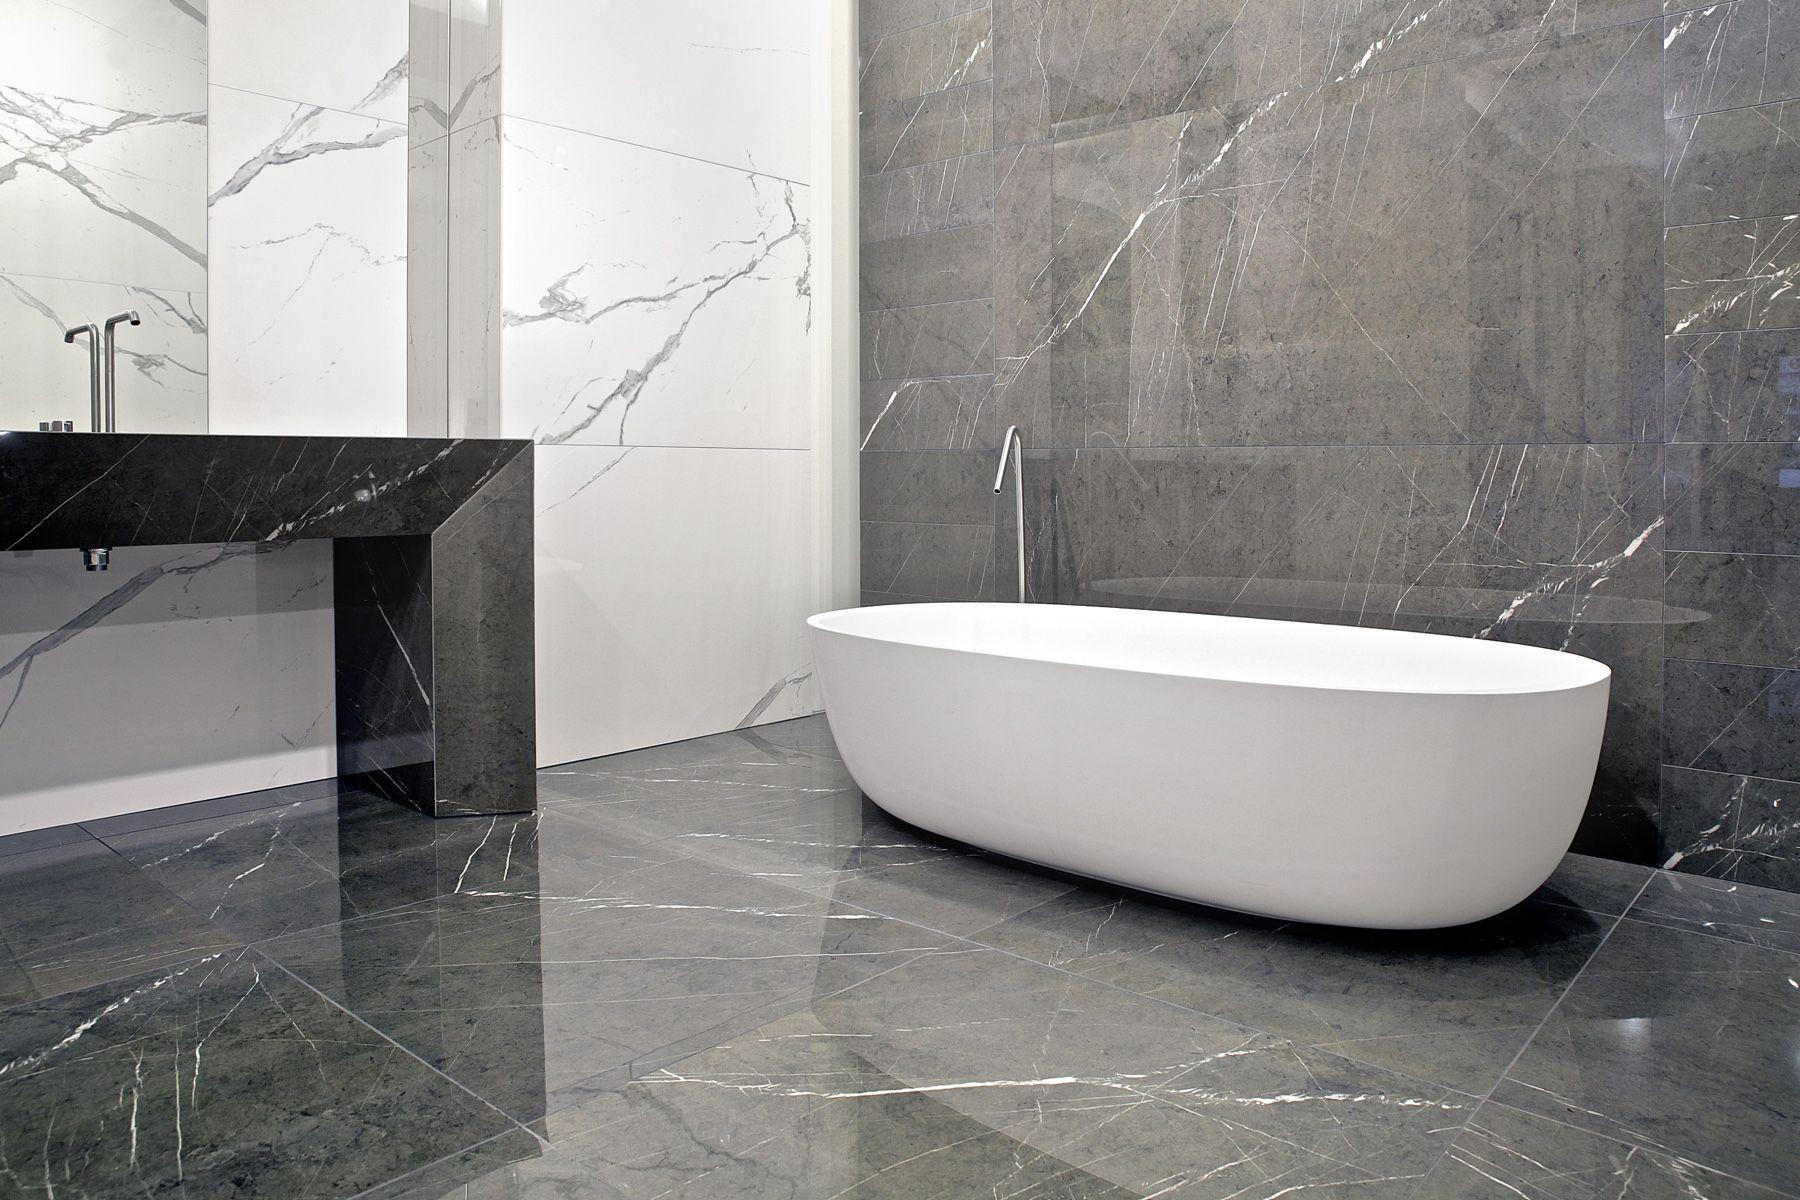 Marble Look Tile Indoor Wall For Floors Granitoker Marmoker Statuario Grigio Casalgrande With Bathroom